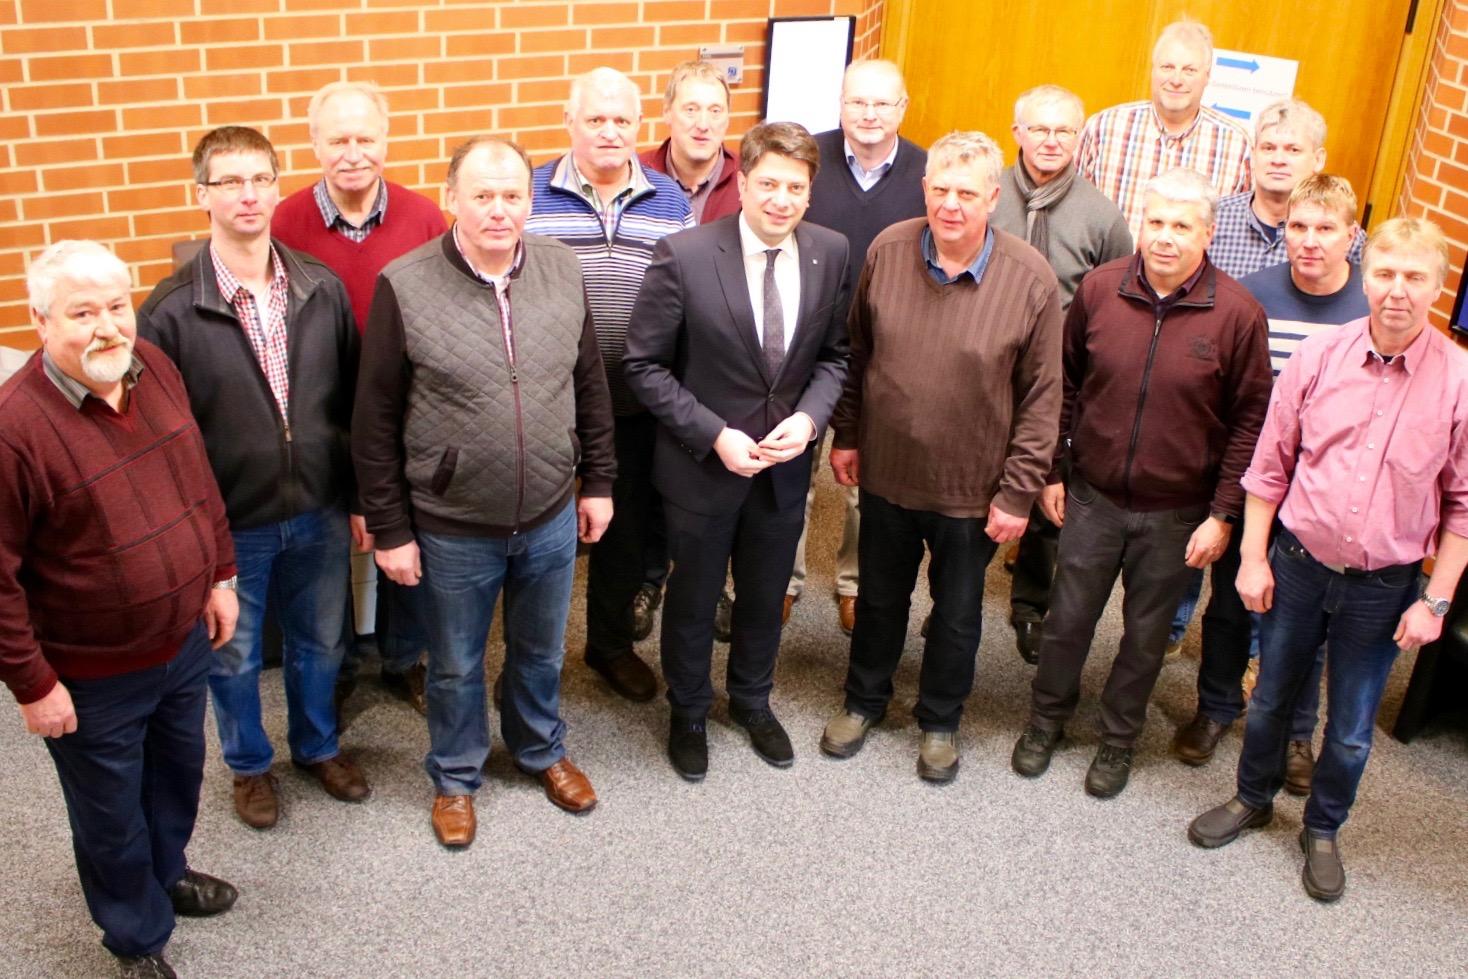 Vertreter des Schützenvereines Grafeld zu Besuch im Niedersächsischen Landtag.